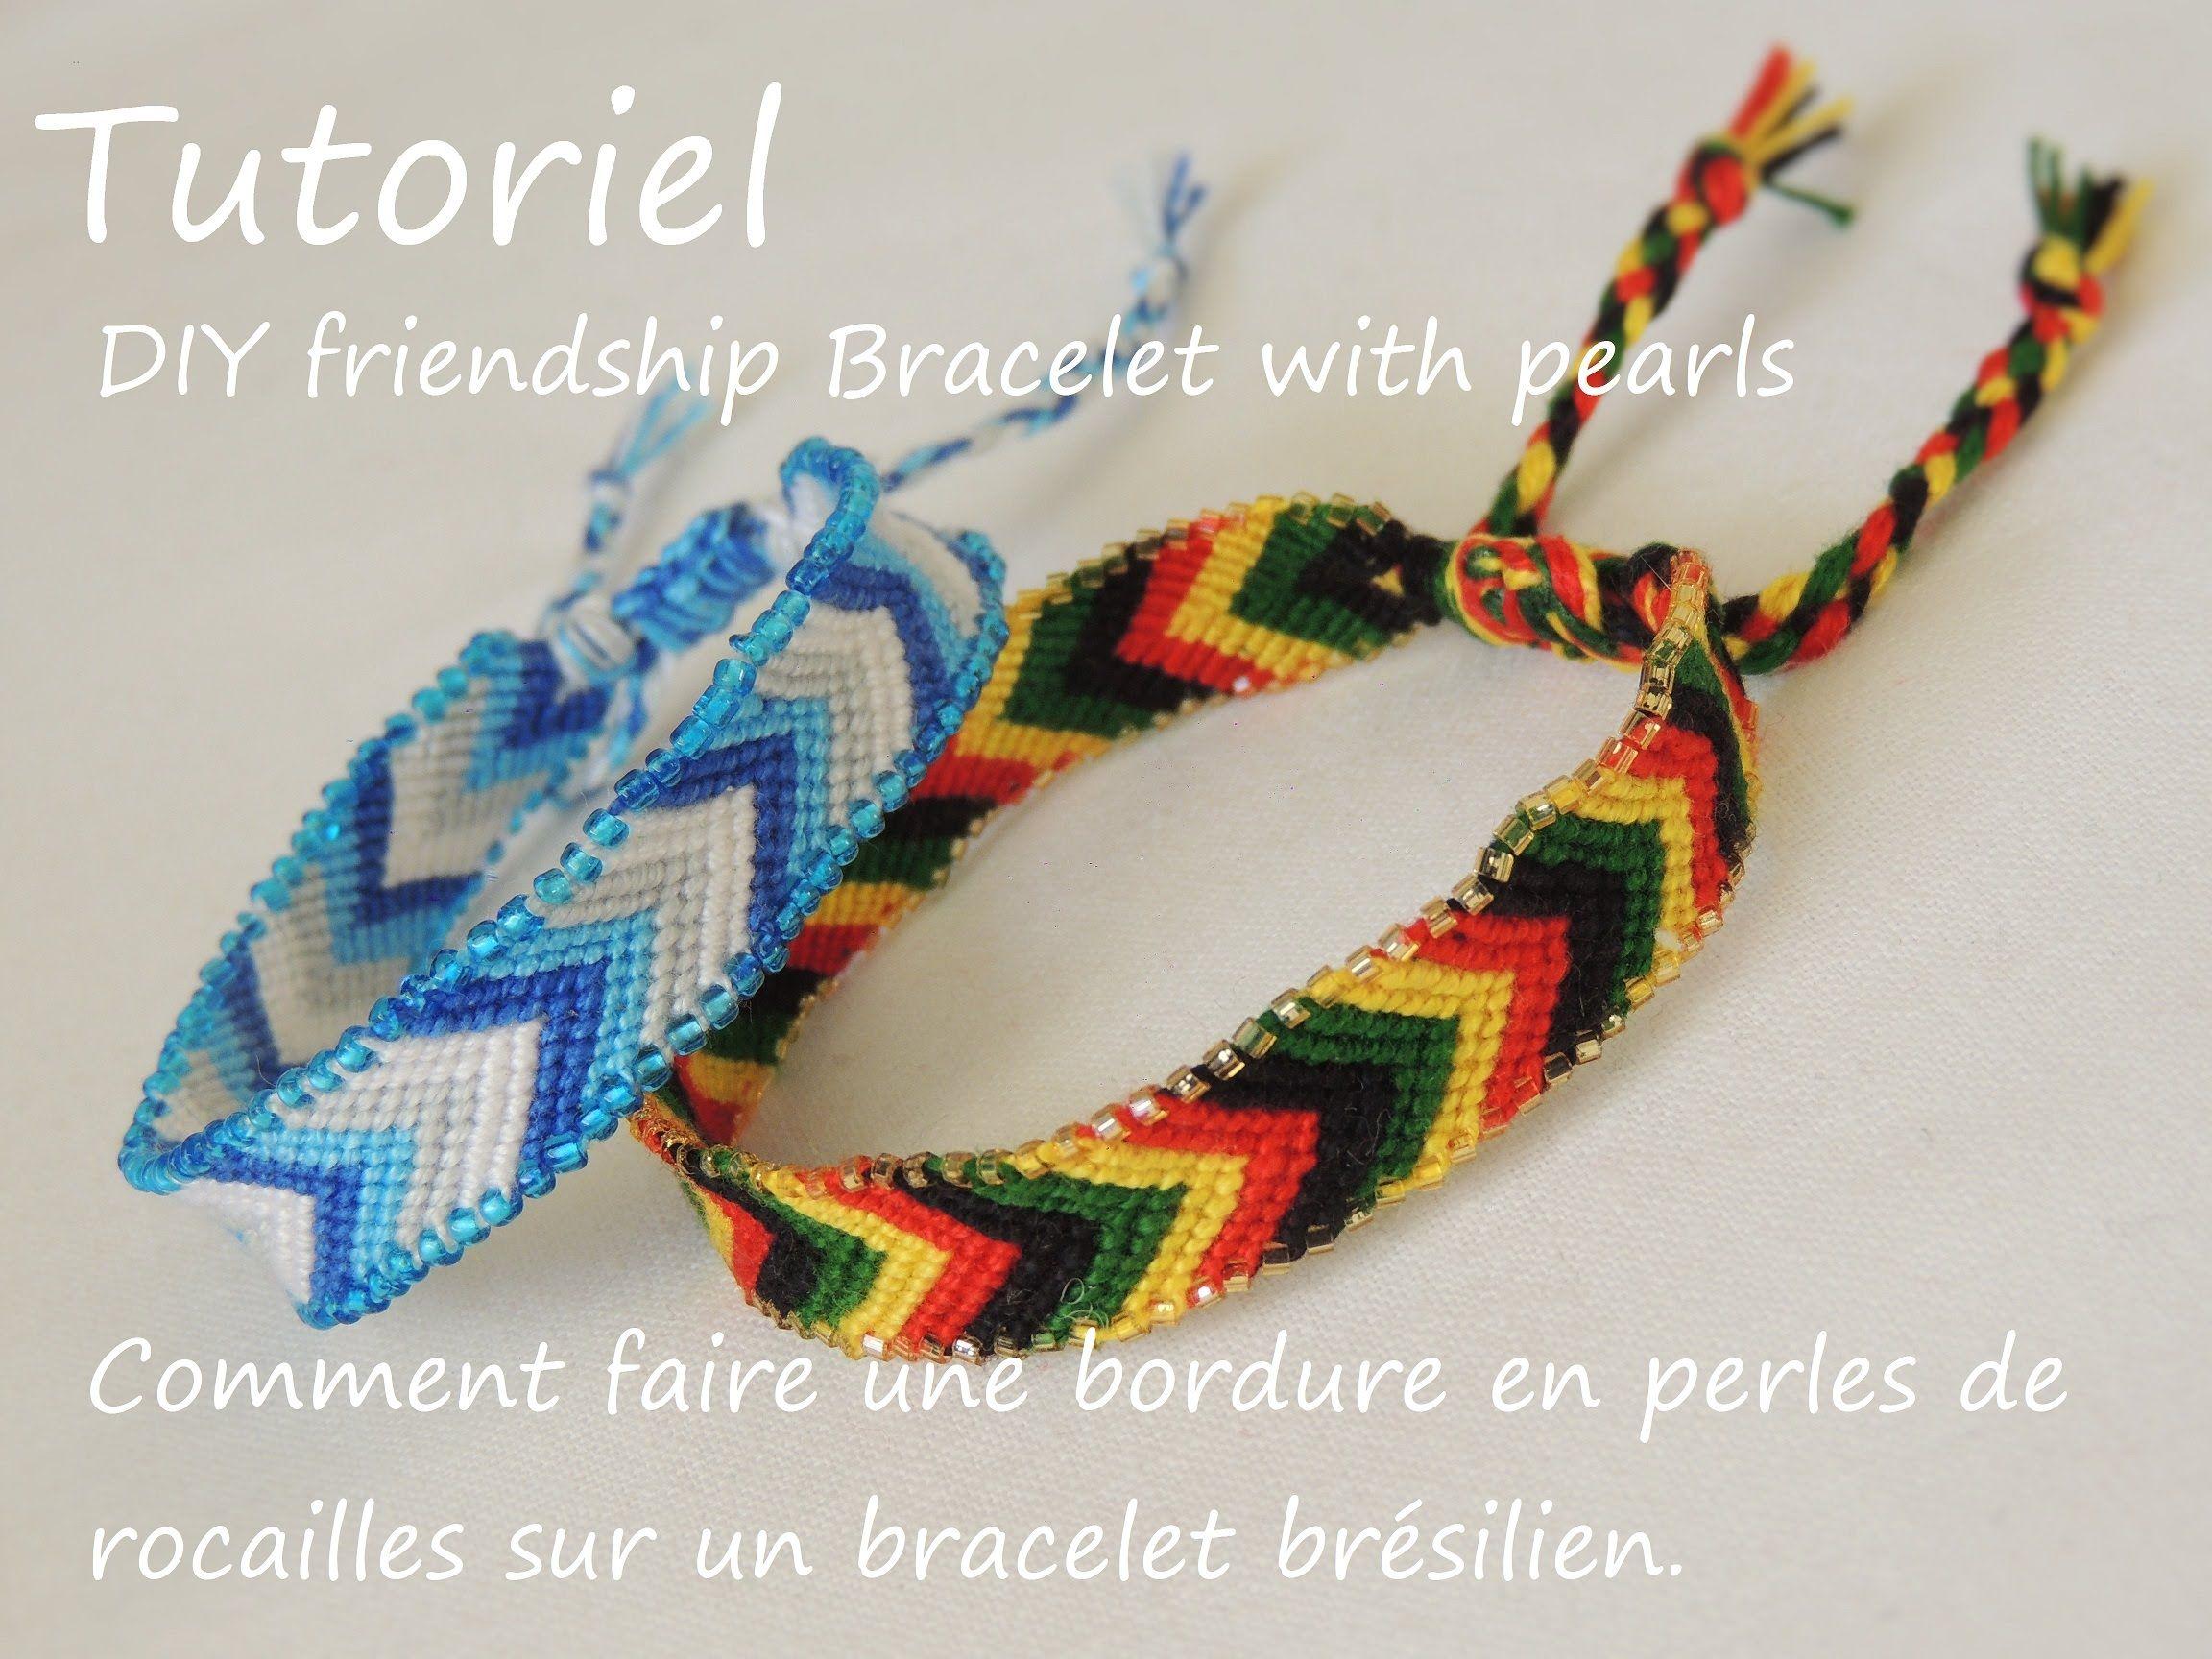 Comment Faire Une Bordure En Perles De Rocailles Diy Friendship